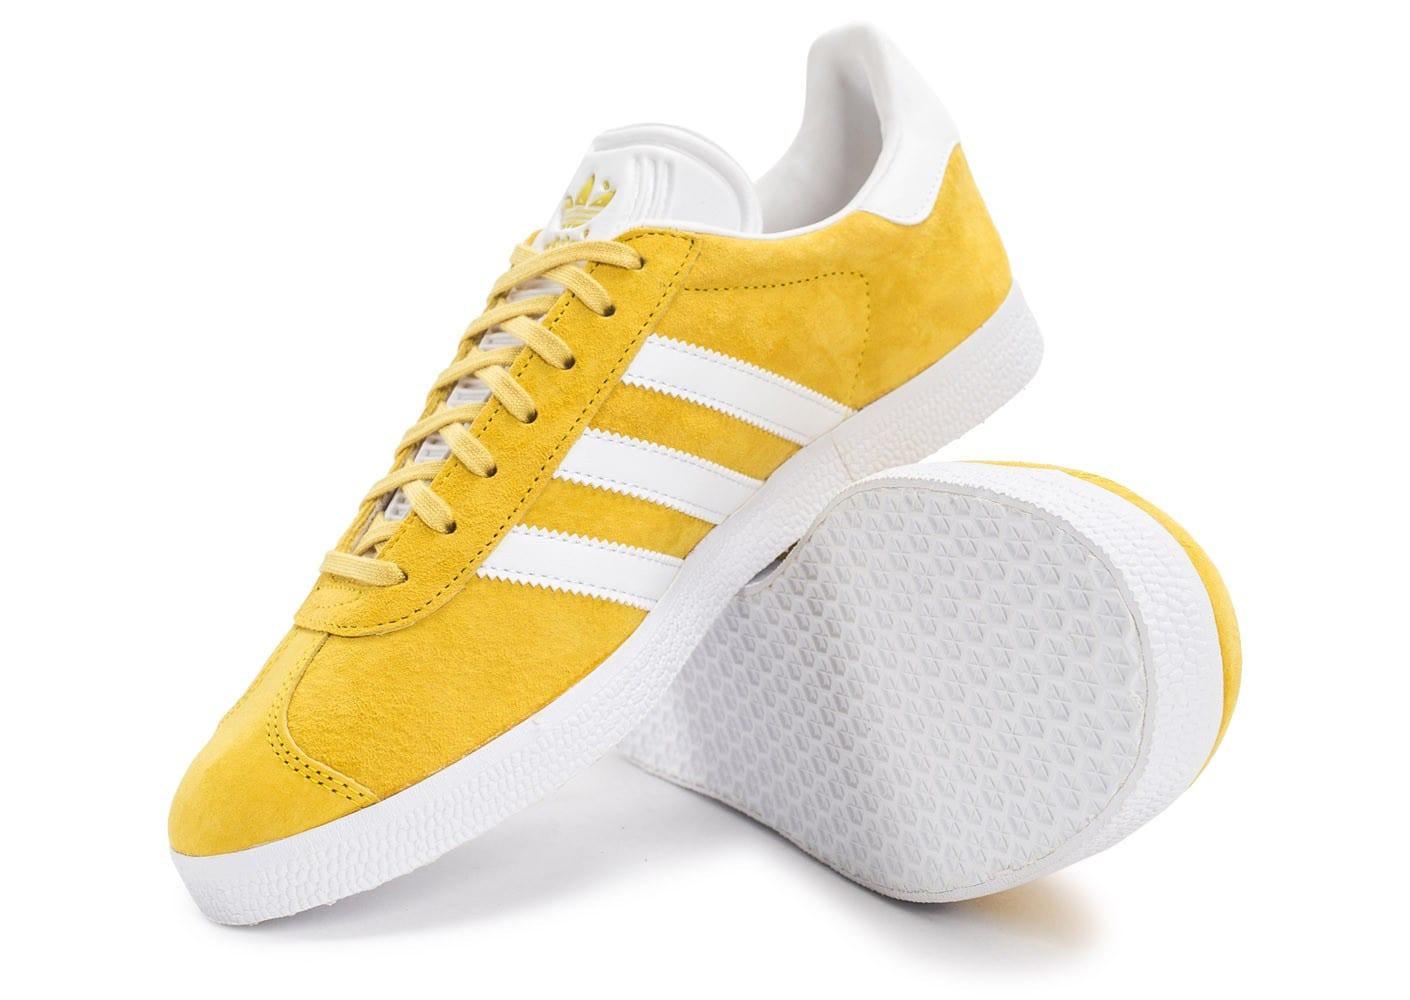 adidas gazelle femme jaune une vente de liquidation de prix